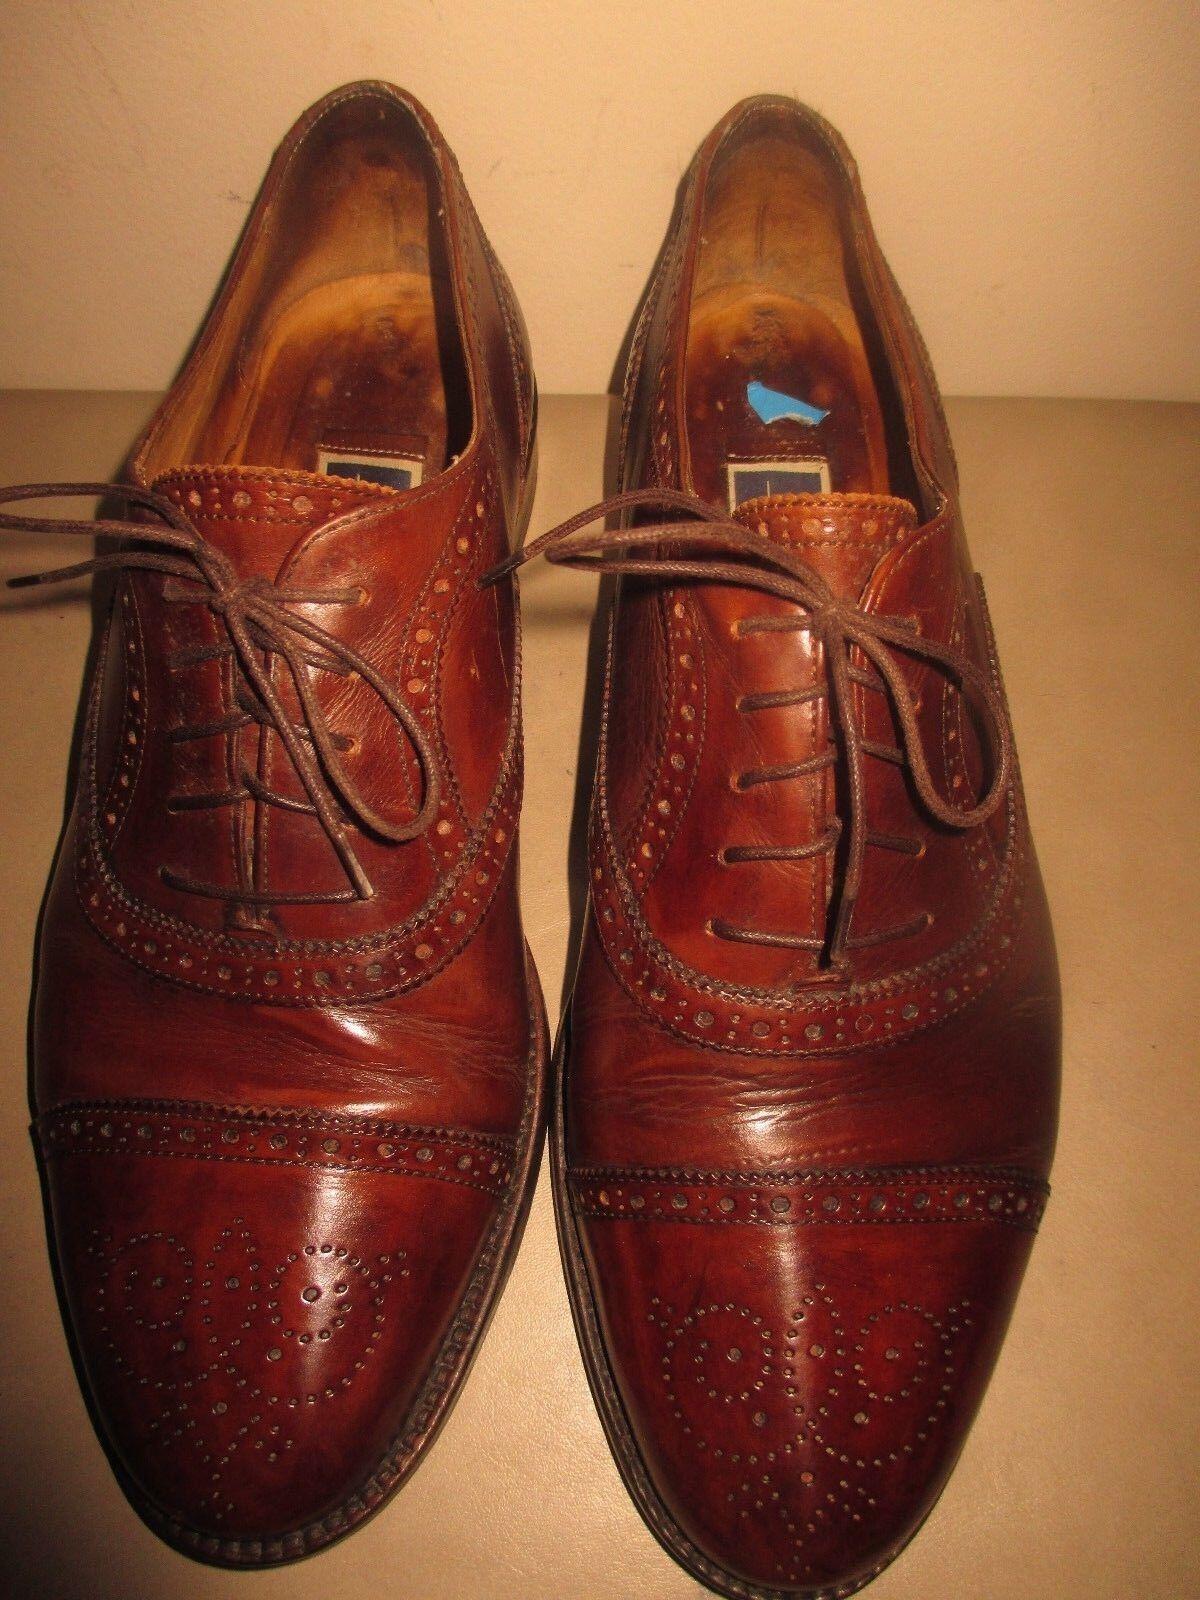 Men's COLE HAAN BRAGANO Marrón Cuero captoe Oxfords tamaño 9D Hecho en Italia